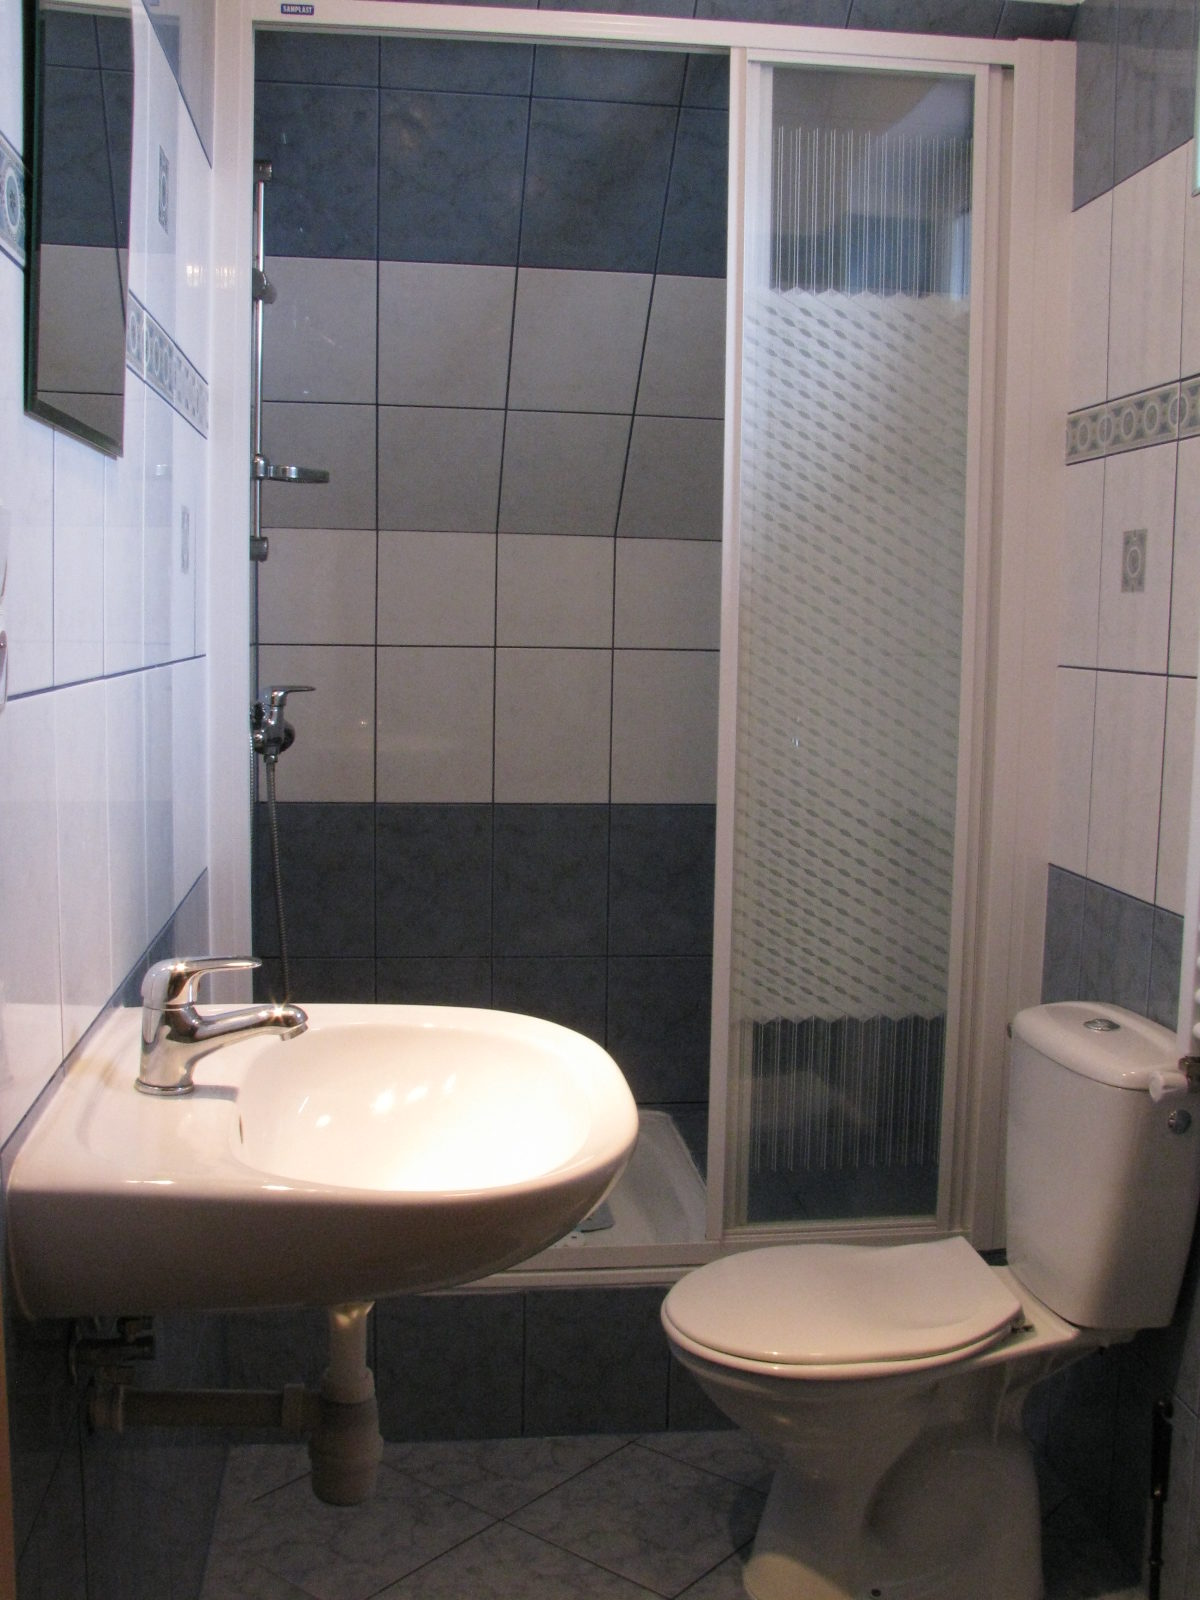 Tanie noclegi Jarosławiec tanie pokoje nad morzem łazienka pokoju 5